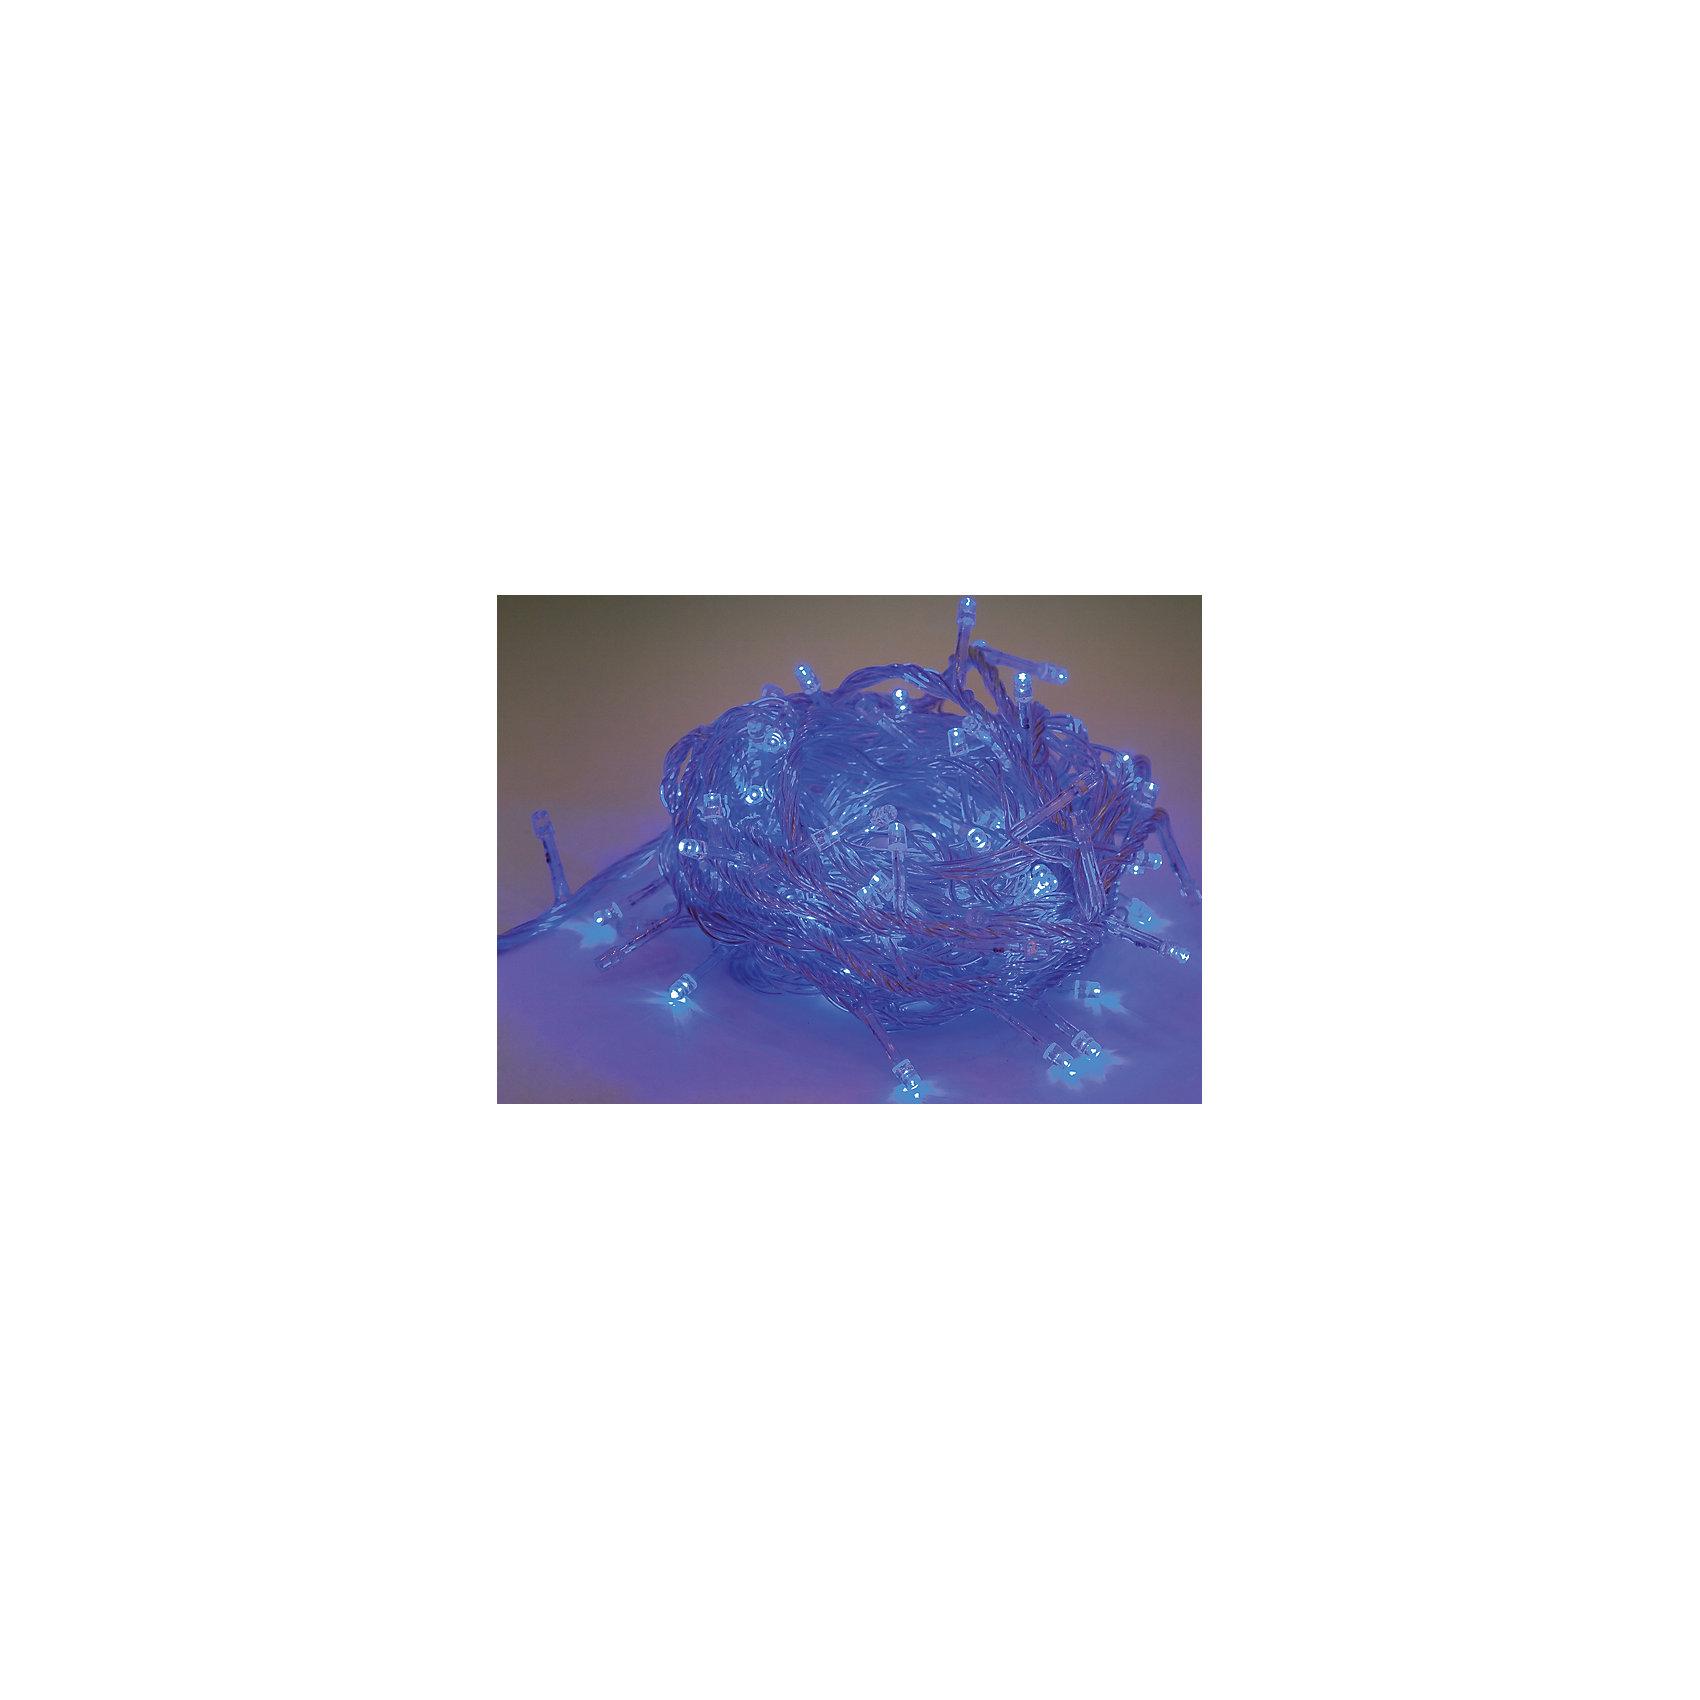 Электрогирлянда 100 LED ламп синего свечения, прозрачный провод 8м, 8 режимовЭлектрические гирлянды – важный атрибут новогодних праздников. С их помощью украшают не только елки, но и окна, подъезды, фасады домов. Гирлянда электрическая состоит из 100 LED-лампочек синего свечения. Прозрачный провод длиной 8 м. Кол-во режимов работы – 8.<br><br>Ширина мм: 140<br>Глубина мм: 85<br>Высота мм: 80<br>Вес г: 0<br>Возраст от месяцев: 72<br>Возраст до месяцев: 540<br>Пол: Унисекс<br>Возраст: Детский<br>SKU: 5171930